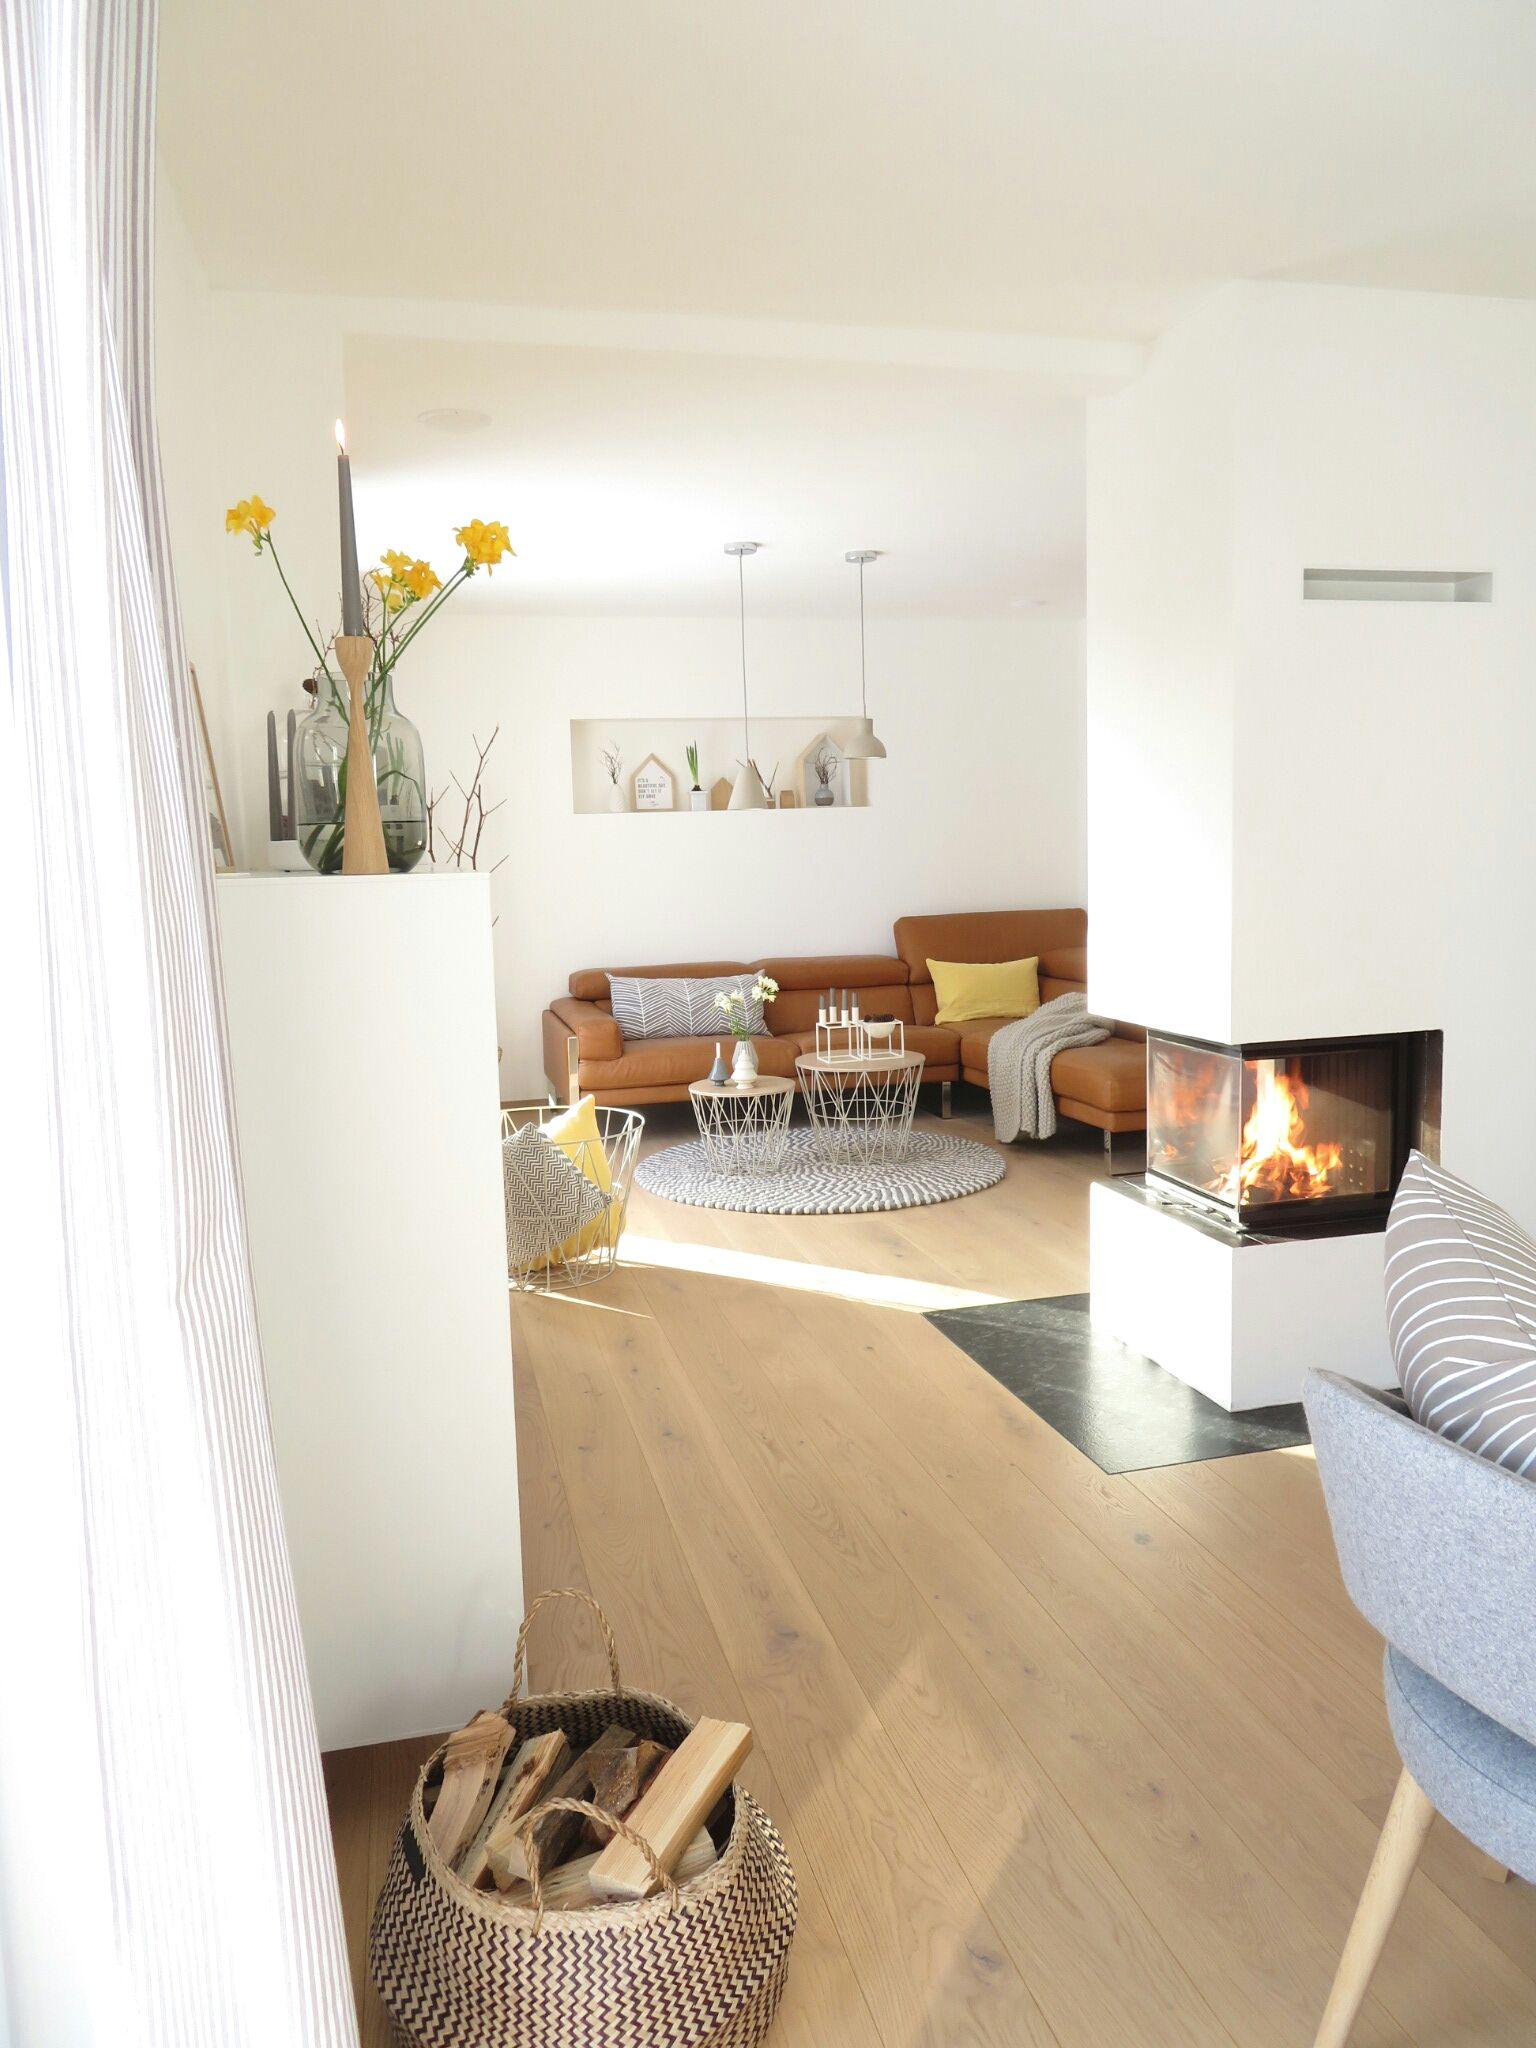 Sonne feuer eis helle wohnzimmer wohnzimmer und wohnen for Einrichtung esszimmer wohnzimmer